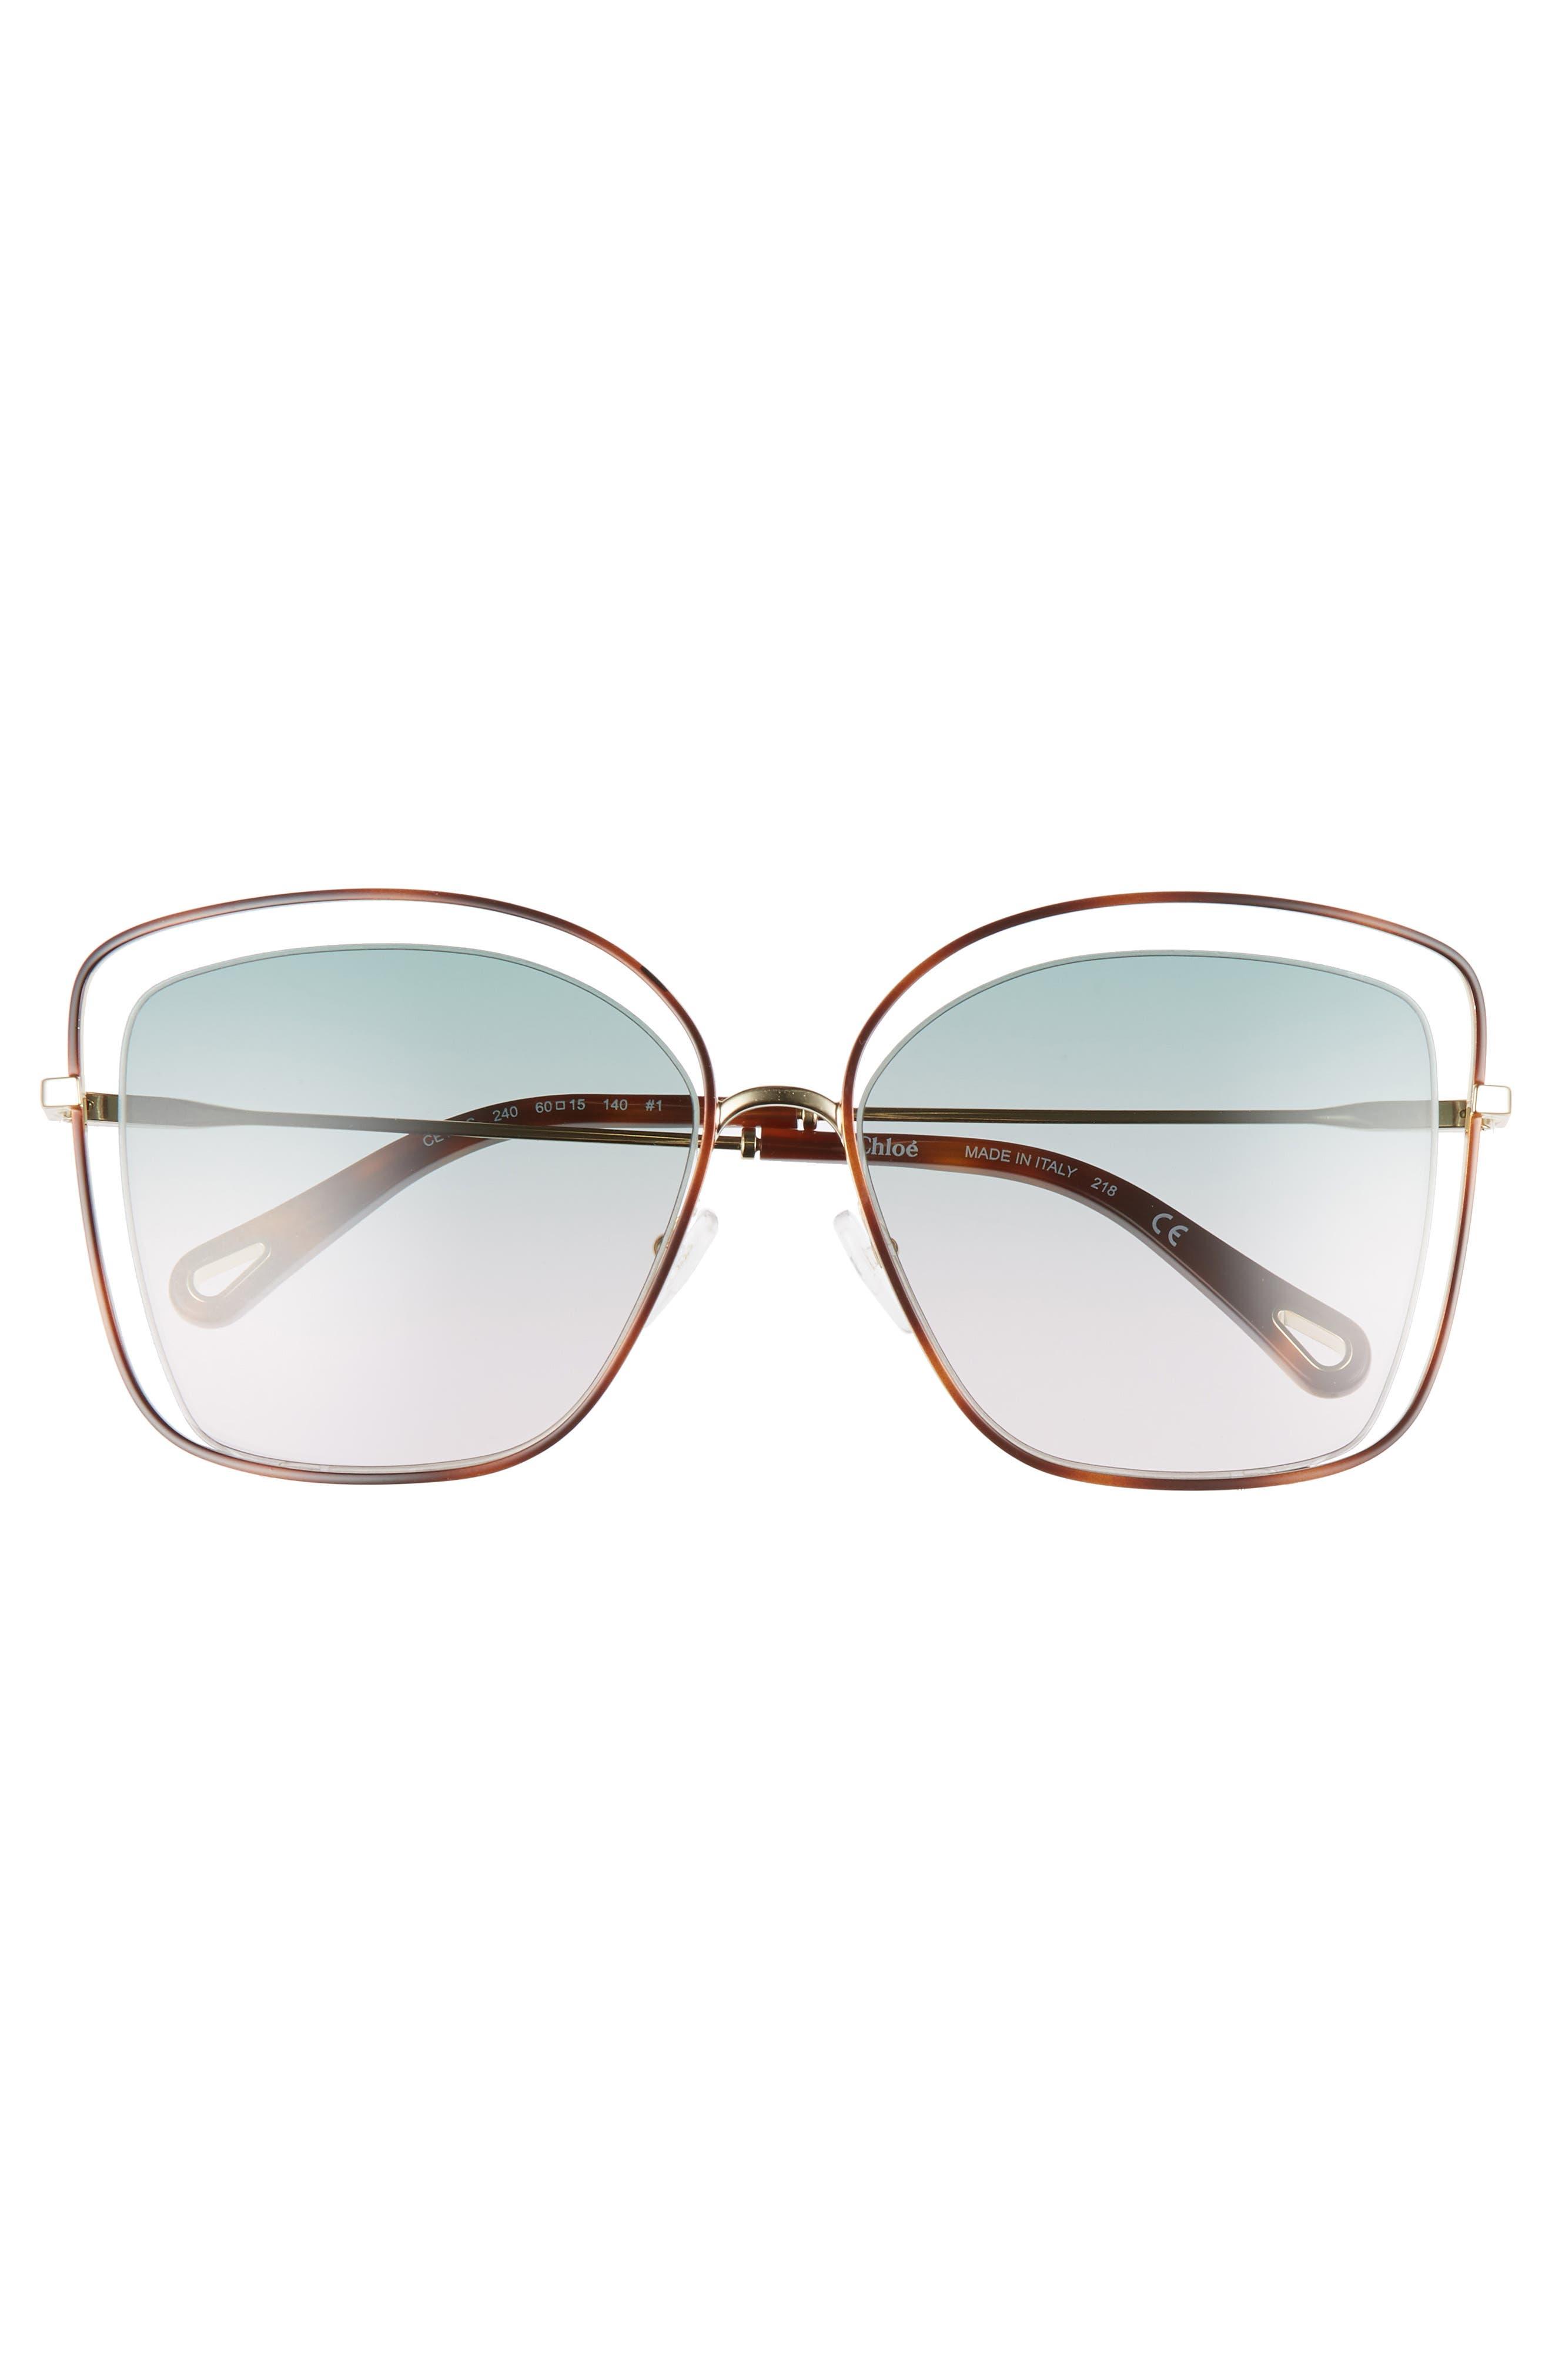 60mm Halo Frame Sunglasses,                             Alternate thumbnail 3, color,                             HAVANA/ GREEN ROSE